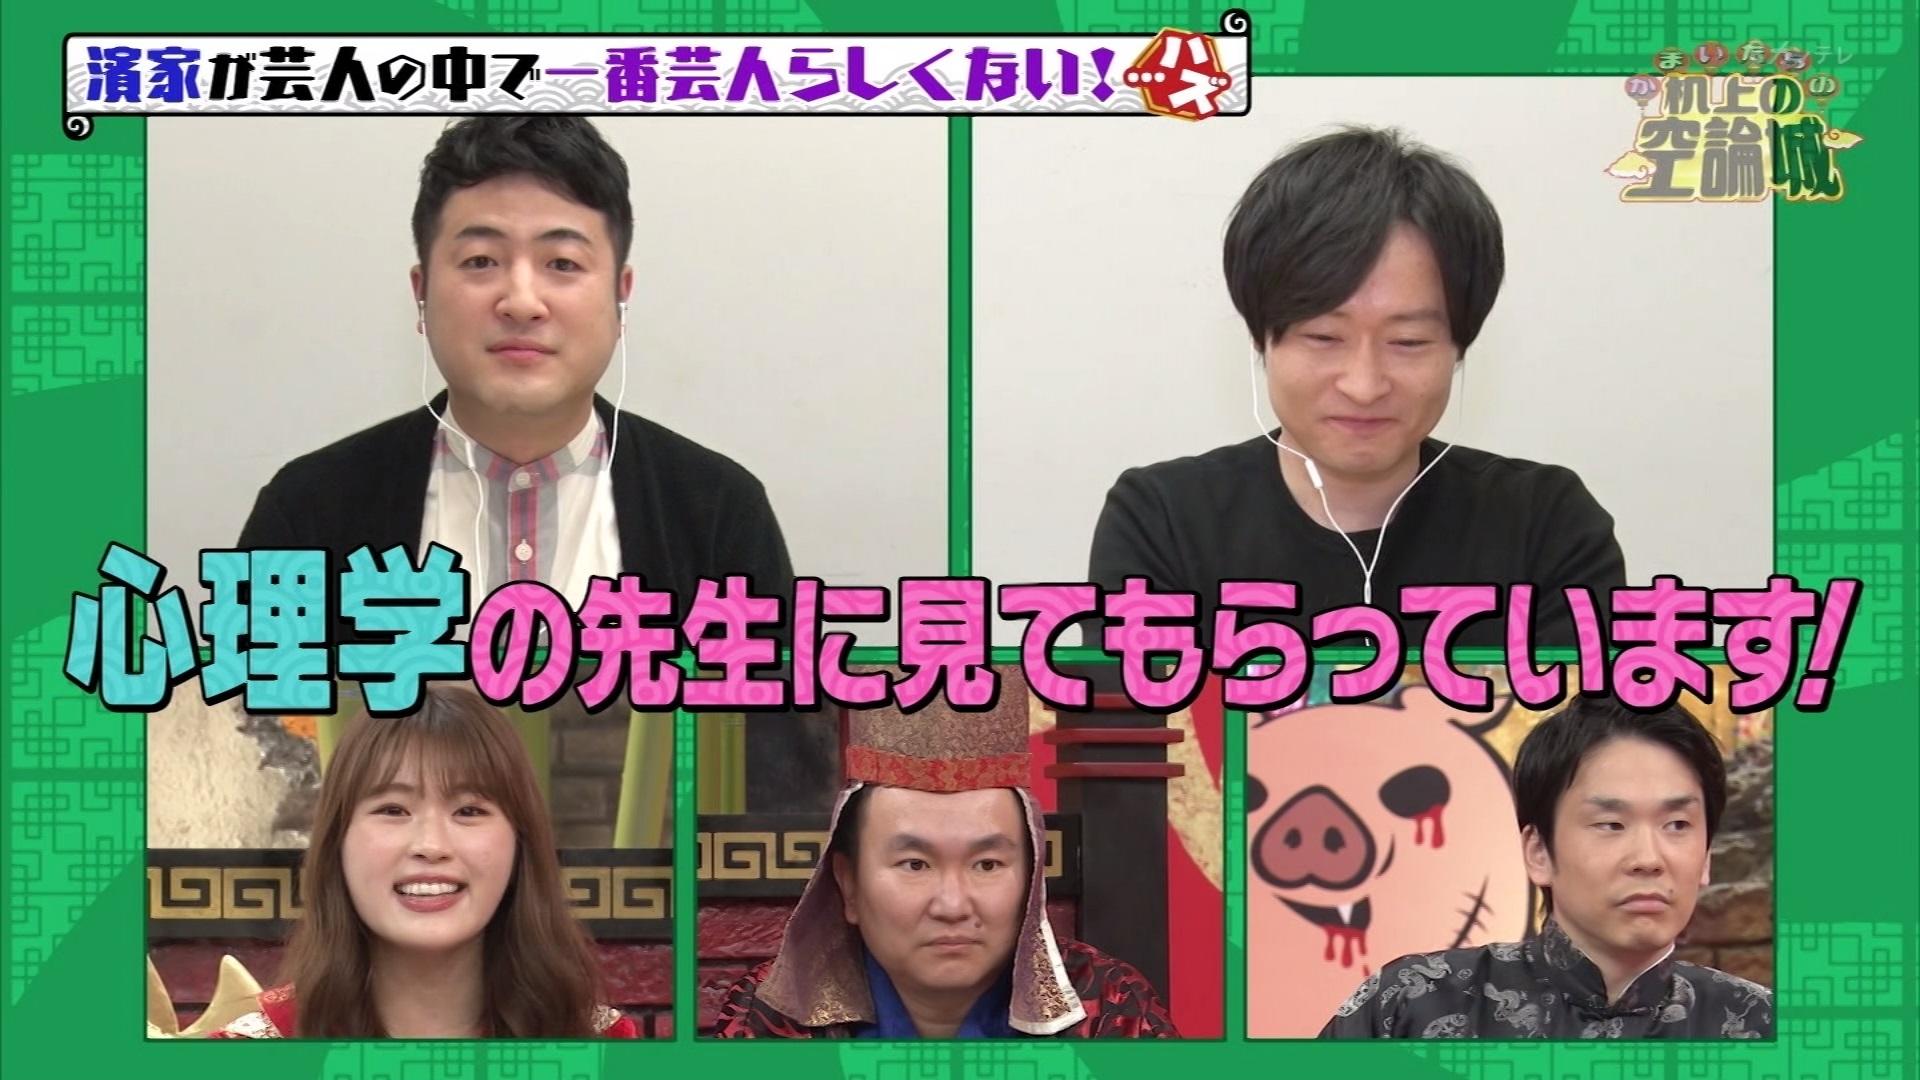 【NMB48】5月8日に放送された「かまいたちの机上の空論城」♯5の画像